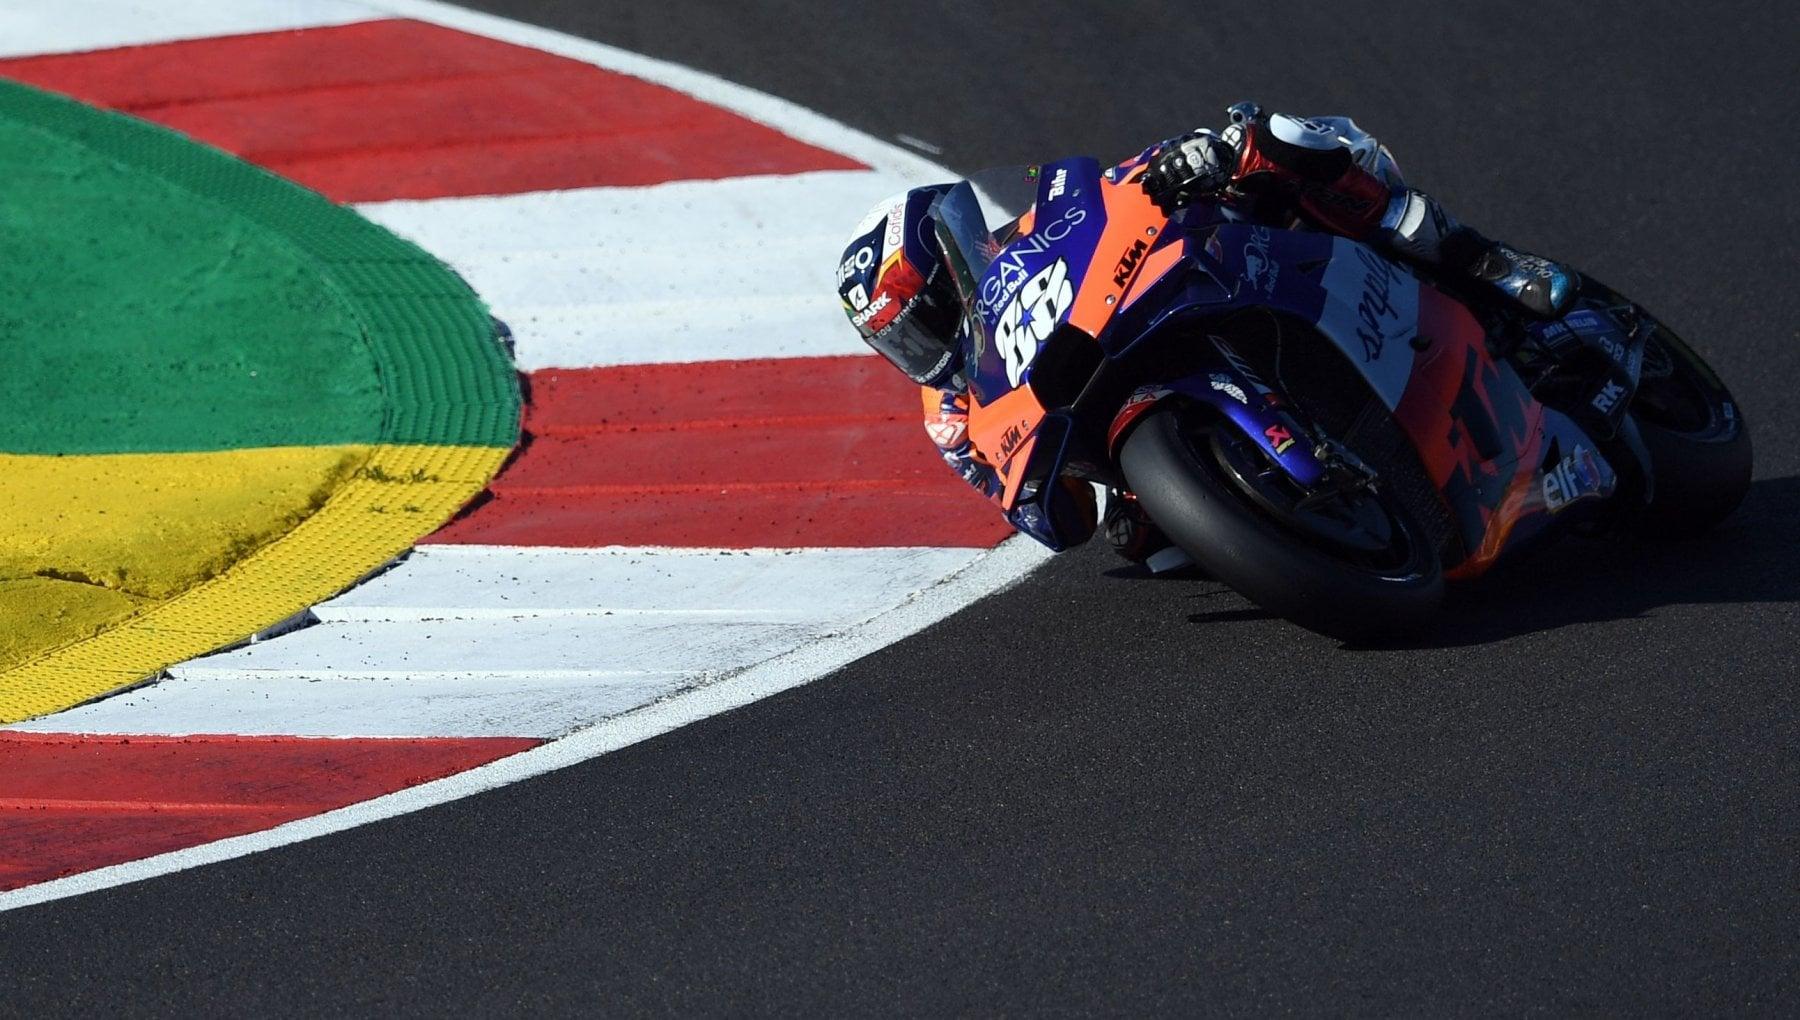 MotoGp Portogallo Oliveira vince in casa Morbidelli terzo. Titolo costruttori alla Ducati